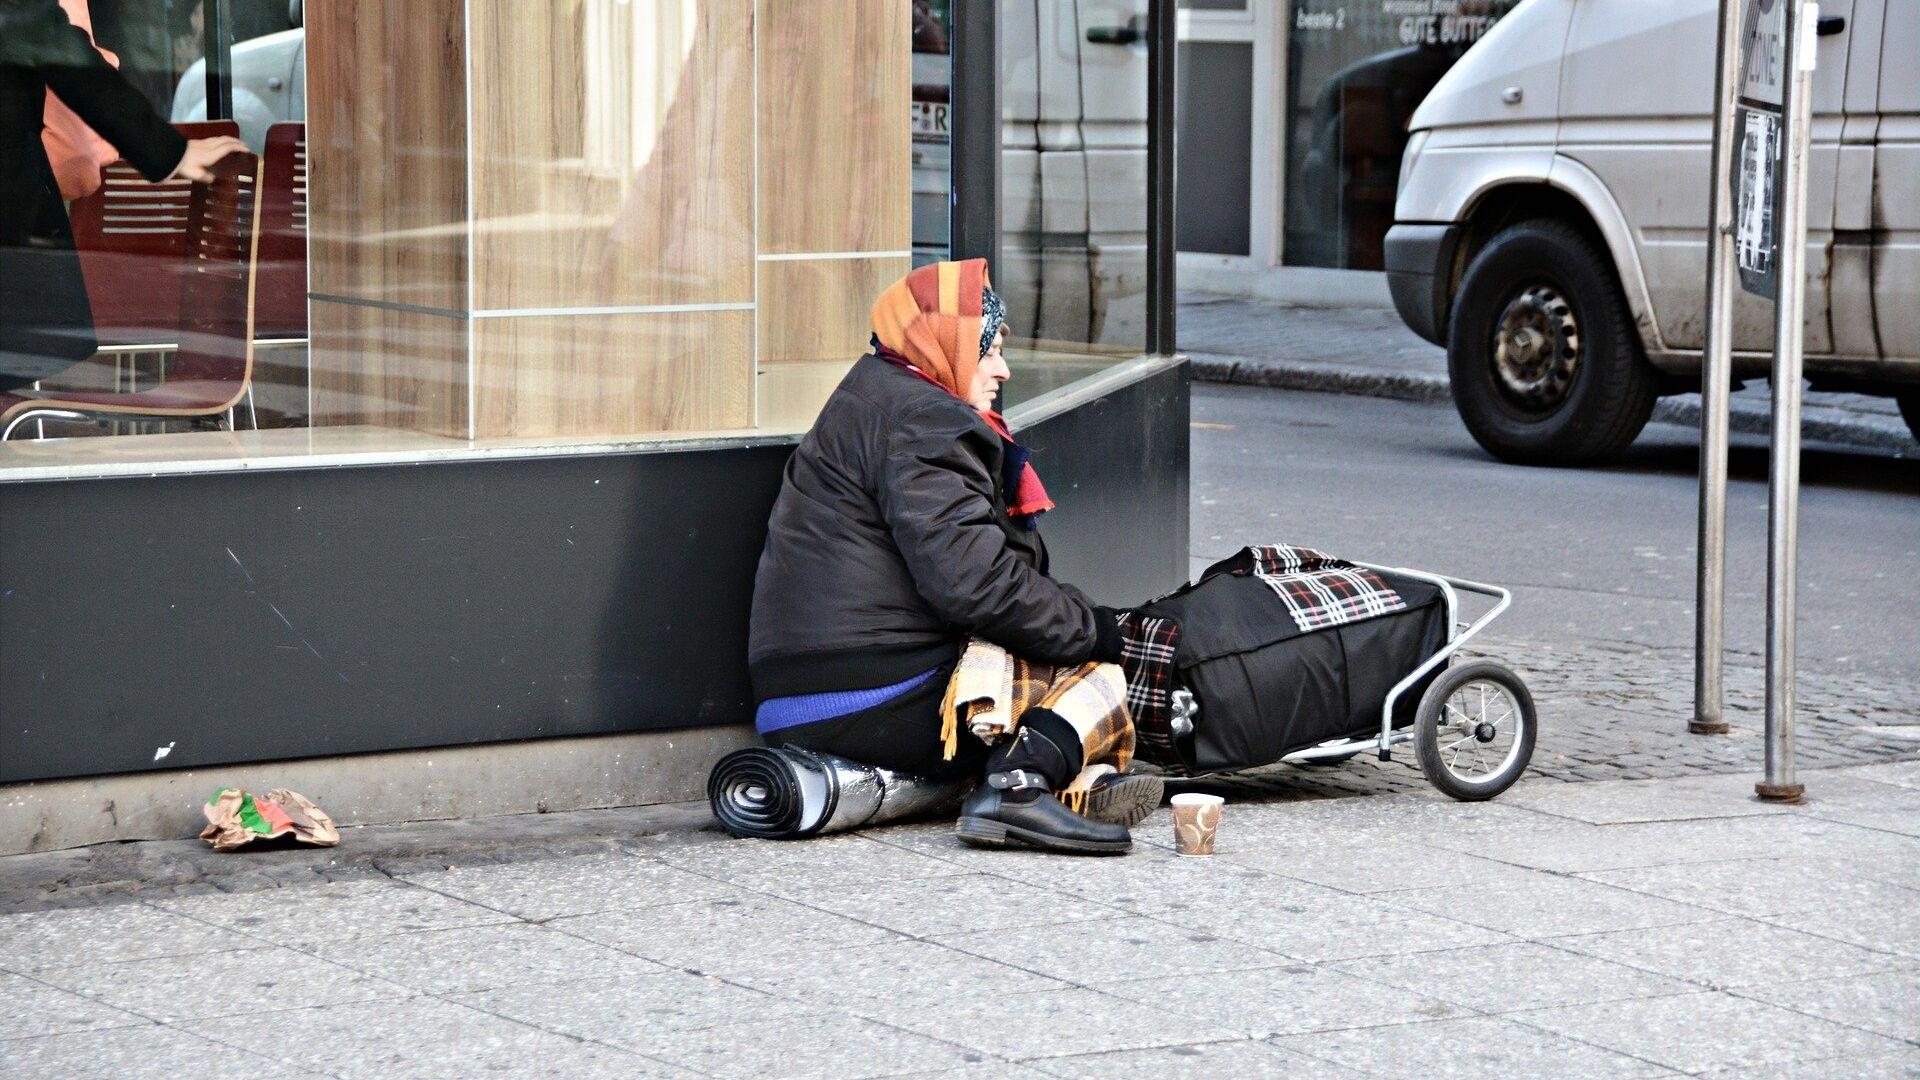 Una persona pobre - Sputnik Mundo, 1920, 05.05.2021